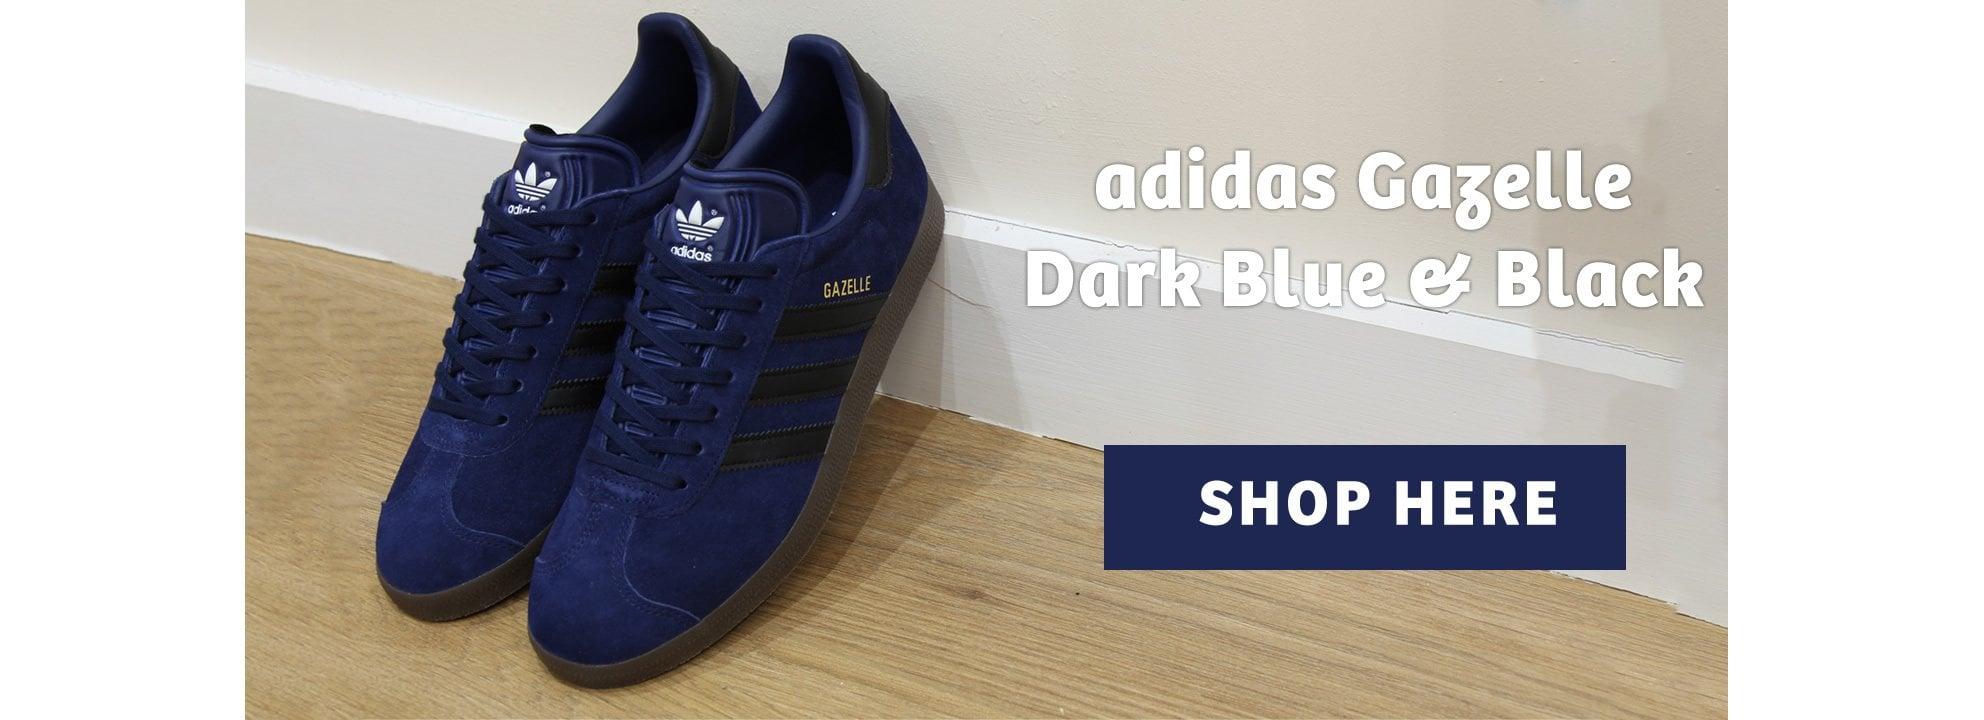 Adidas Gazelle Black & Blue